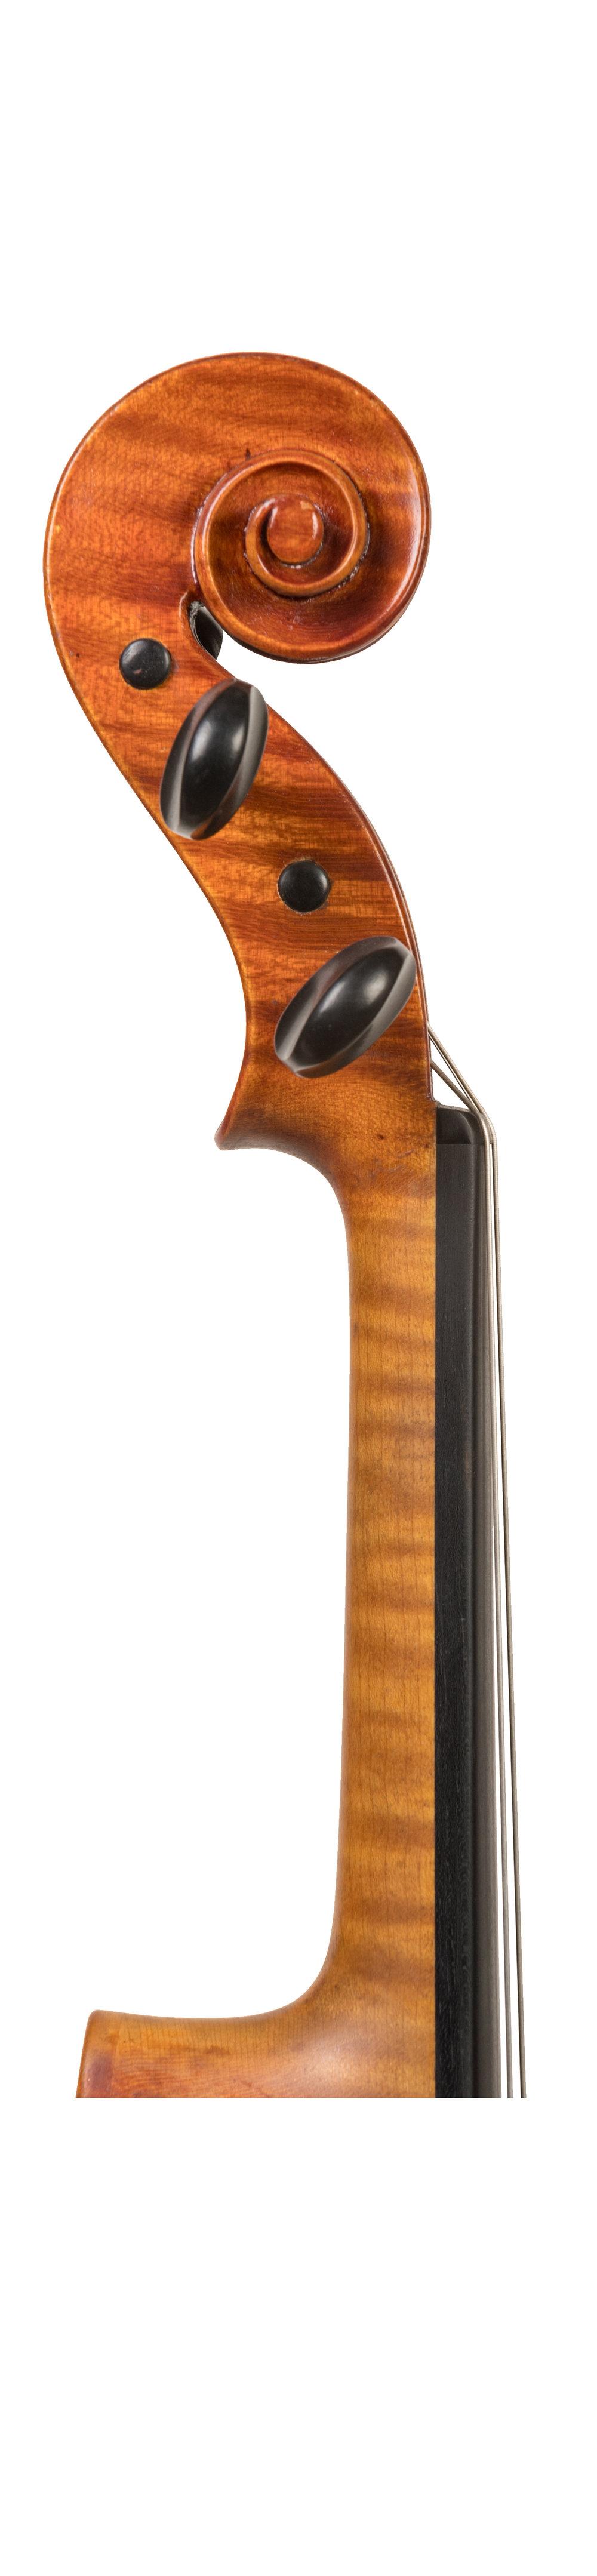 Gunther Reuter neck.jpg